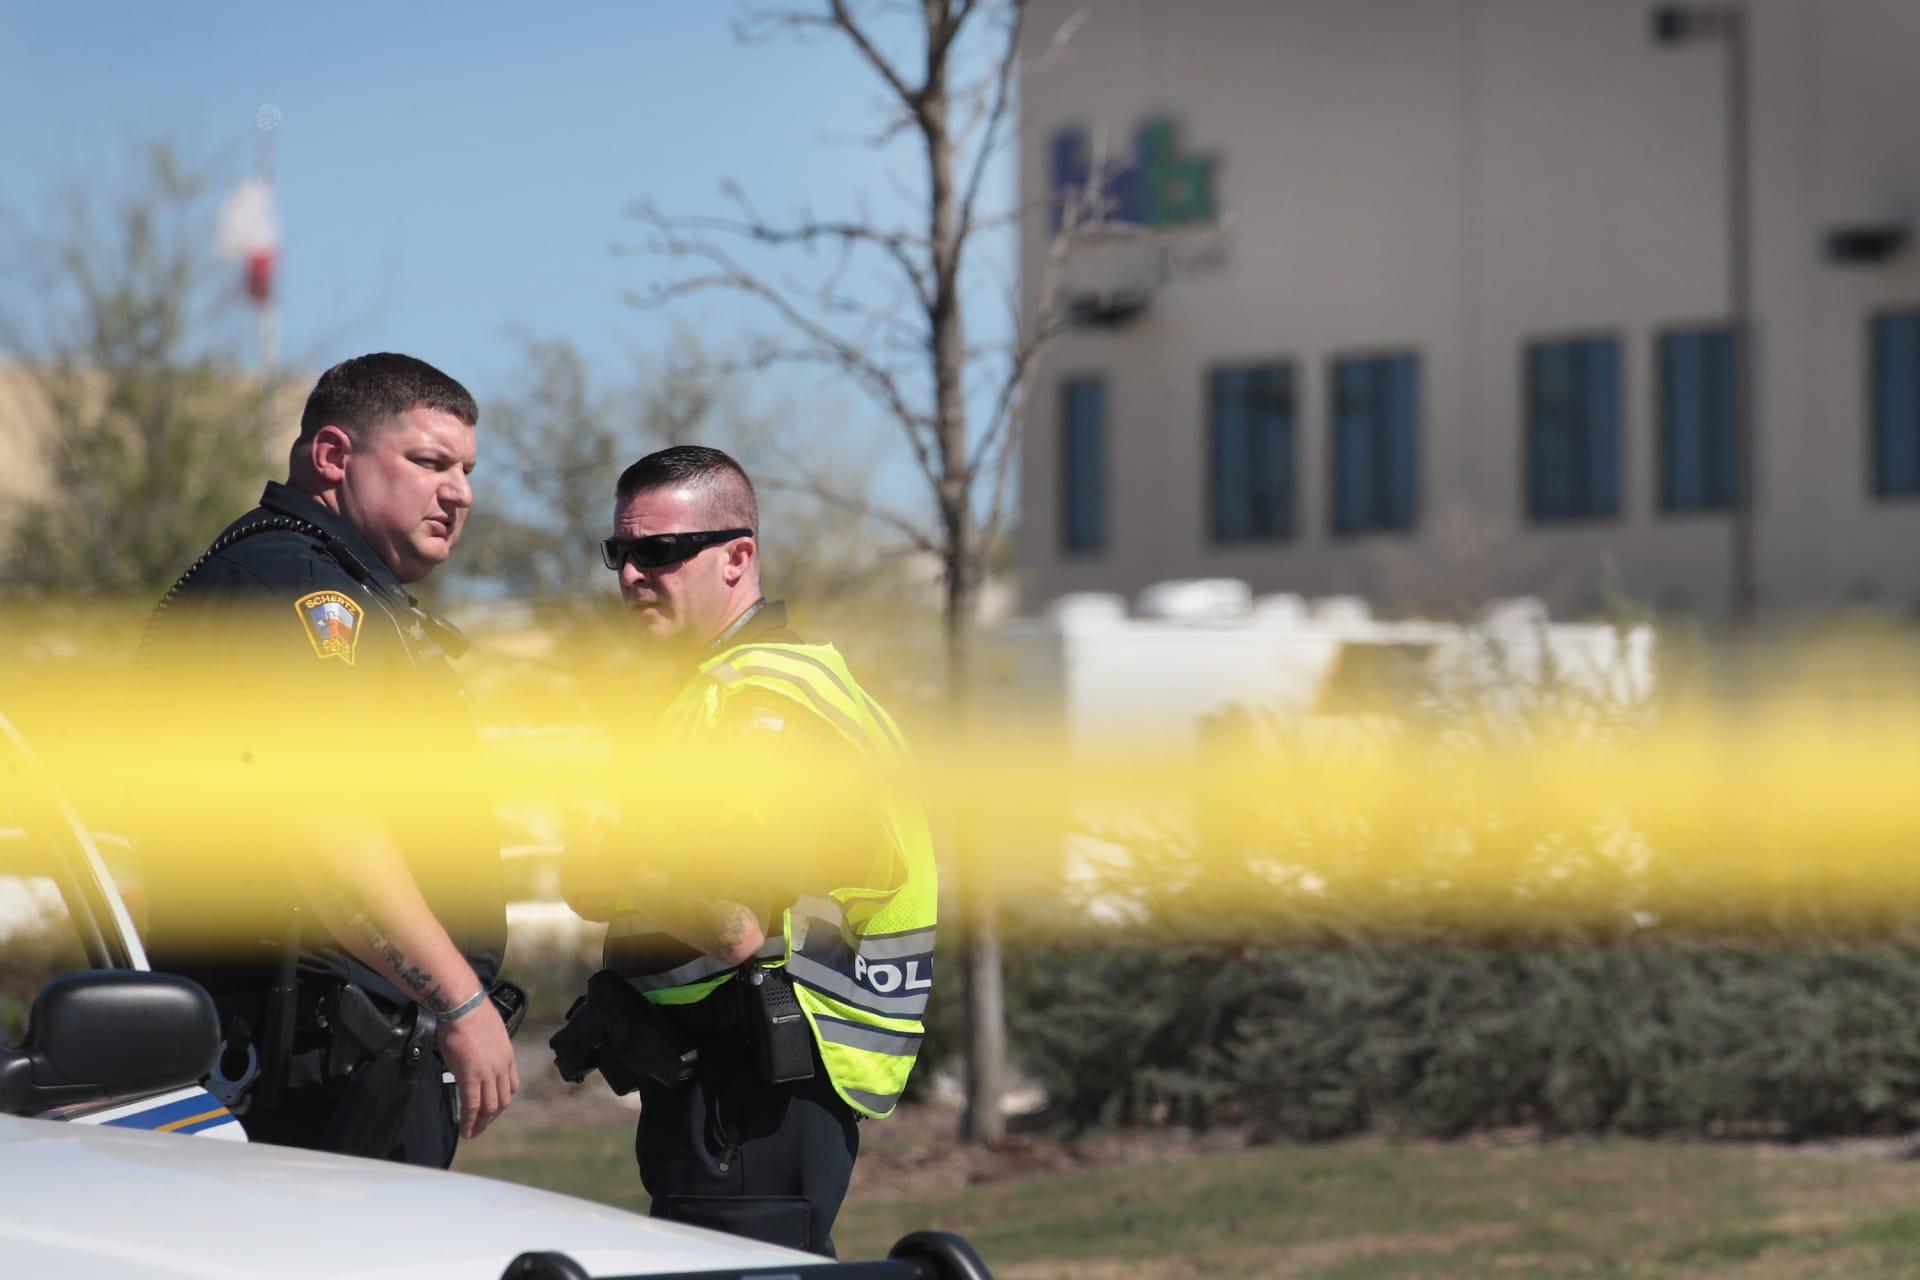 السلطات الامنية الامريكية: المشتبه بتنفيذ تفجيرات تكساس فجّر نفسه داخل مركبته